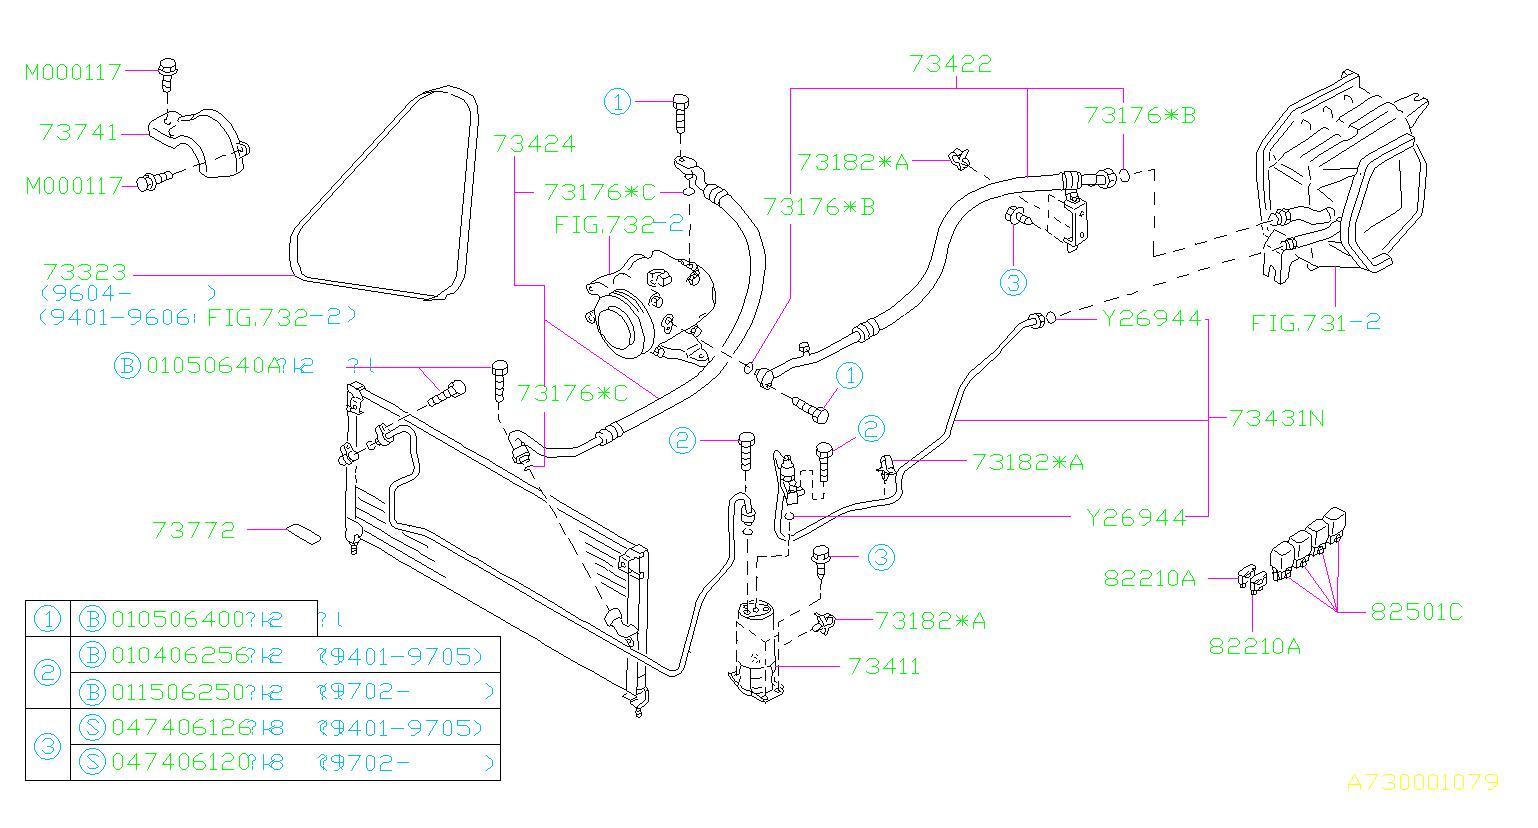 Subaru Legacy Fuse Auto Box Air Conditioner